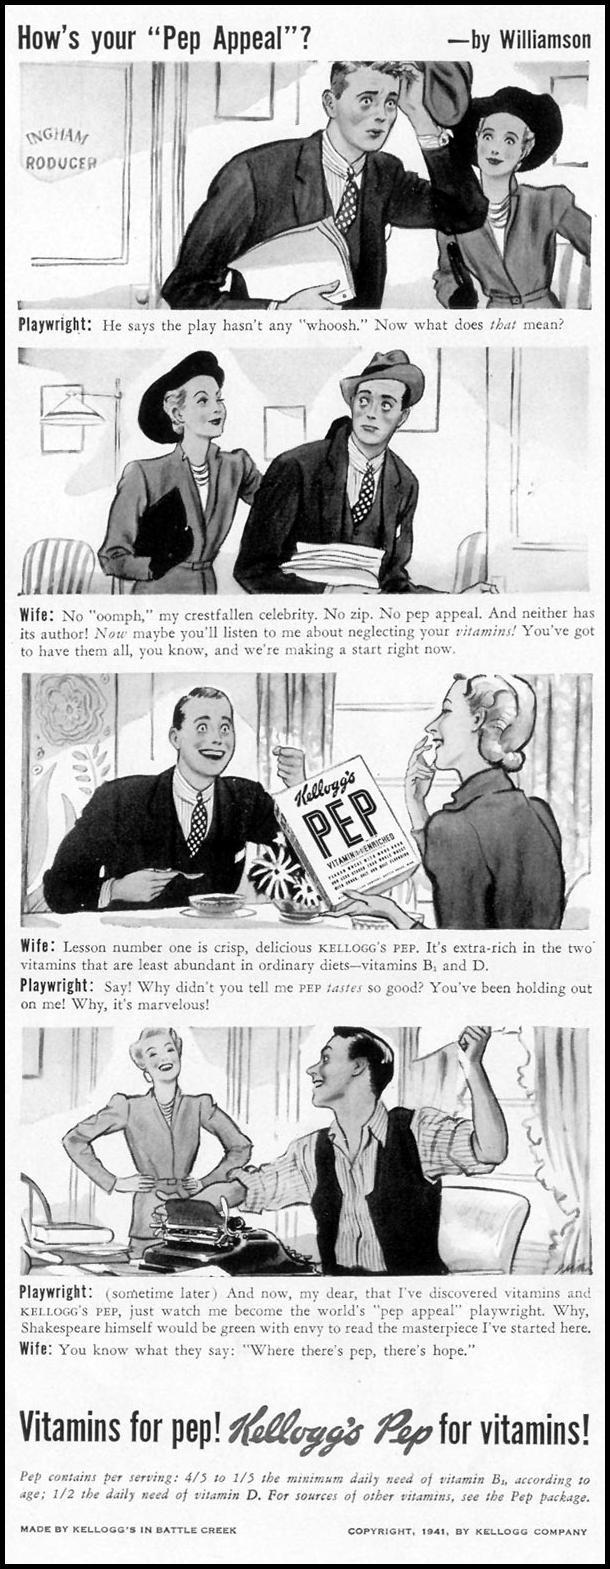 KELLOGG'S PEP CEREAL LIFE 10/13/1941 p. 92